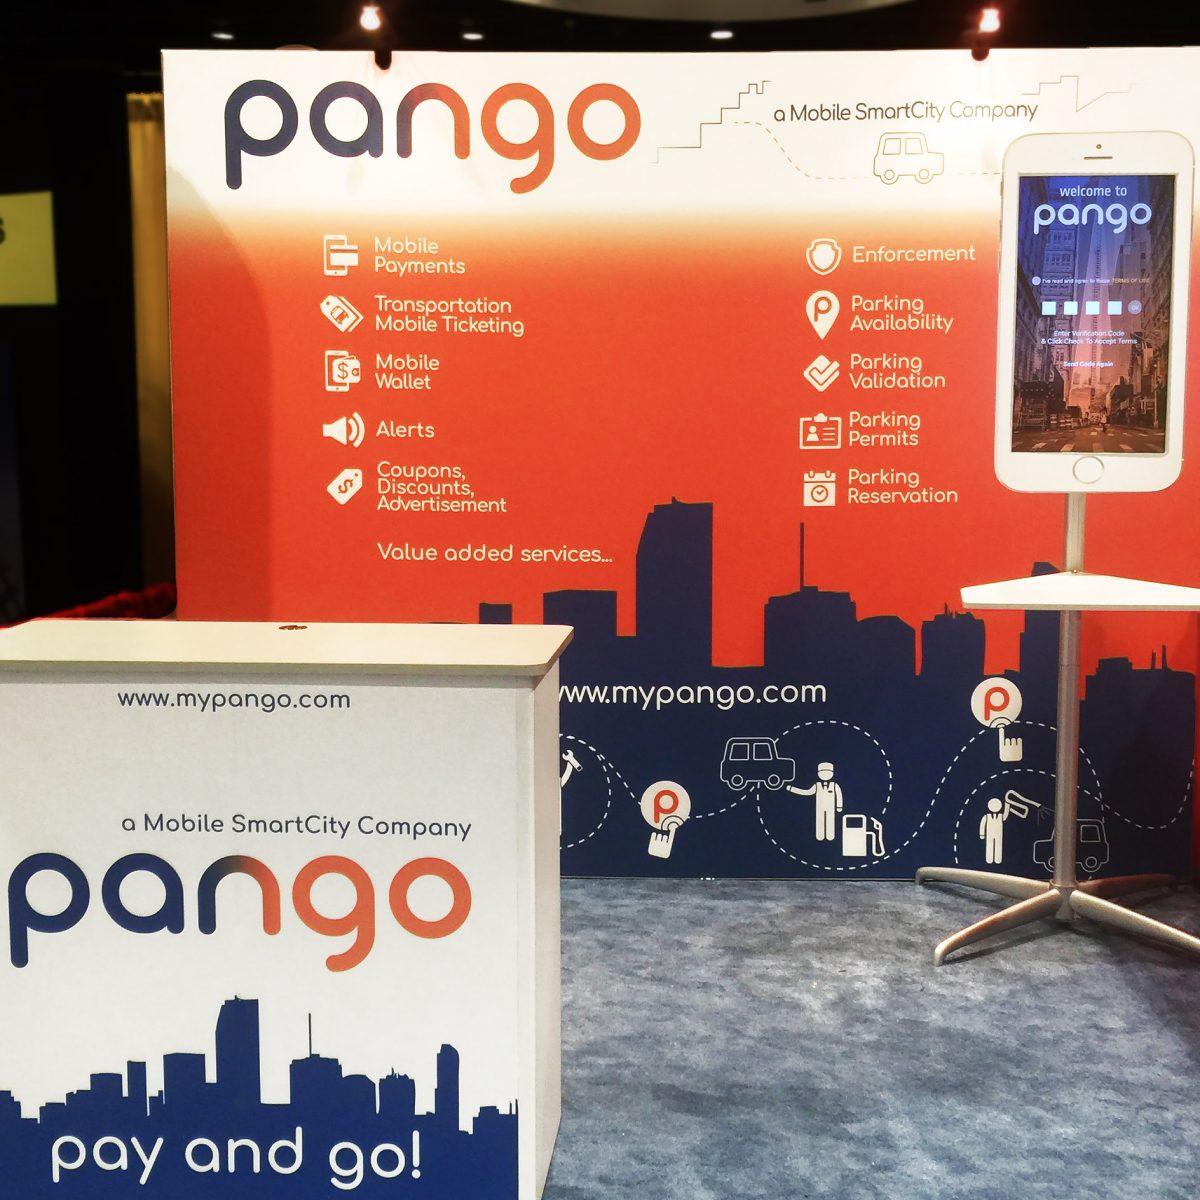 pango 10x10 trade show display